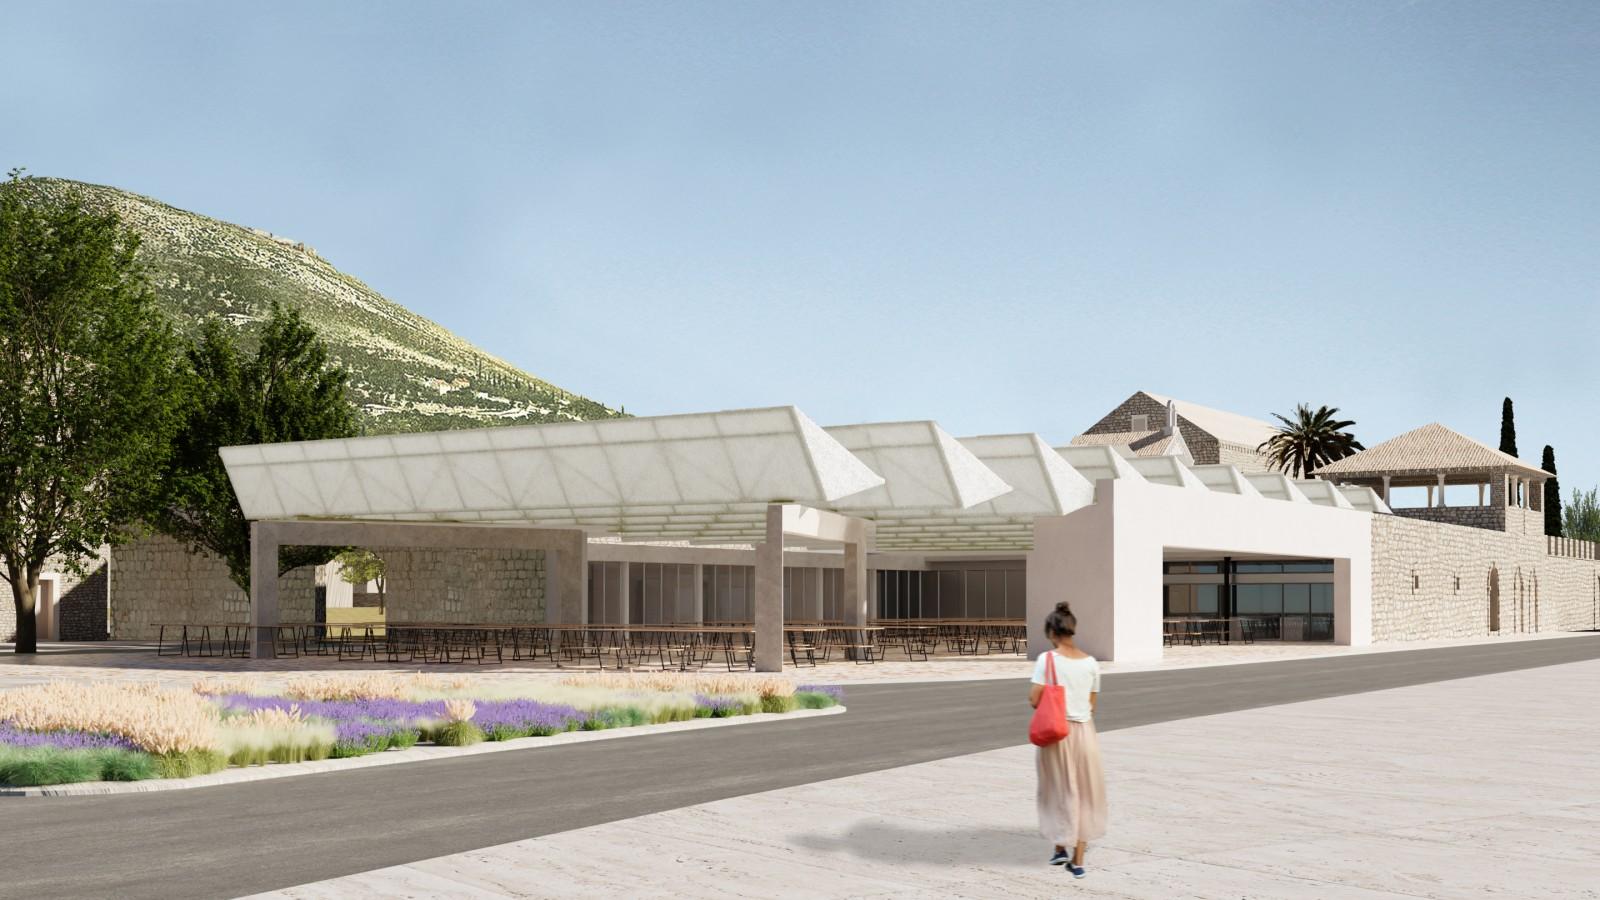 Ishođena građevinska dozvola za rekonstrukciju tržnice u Gružu